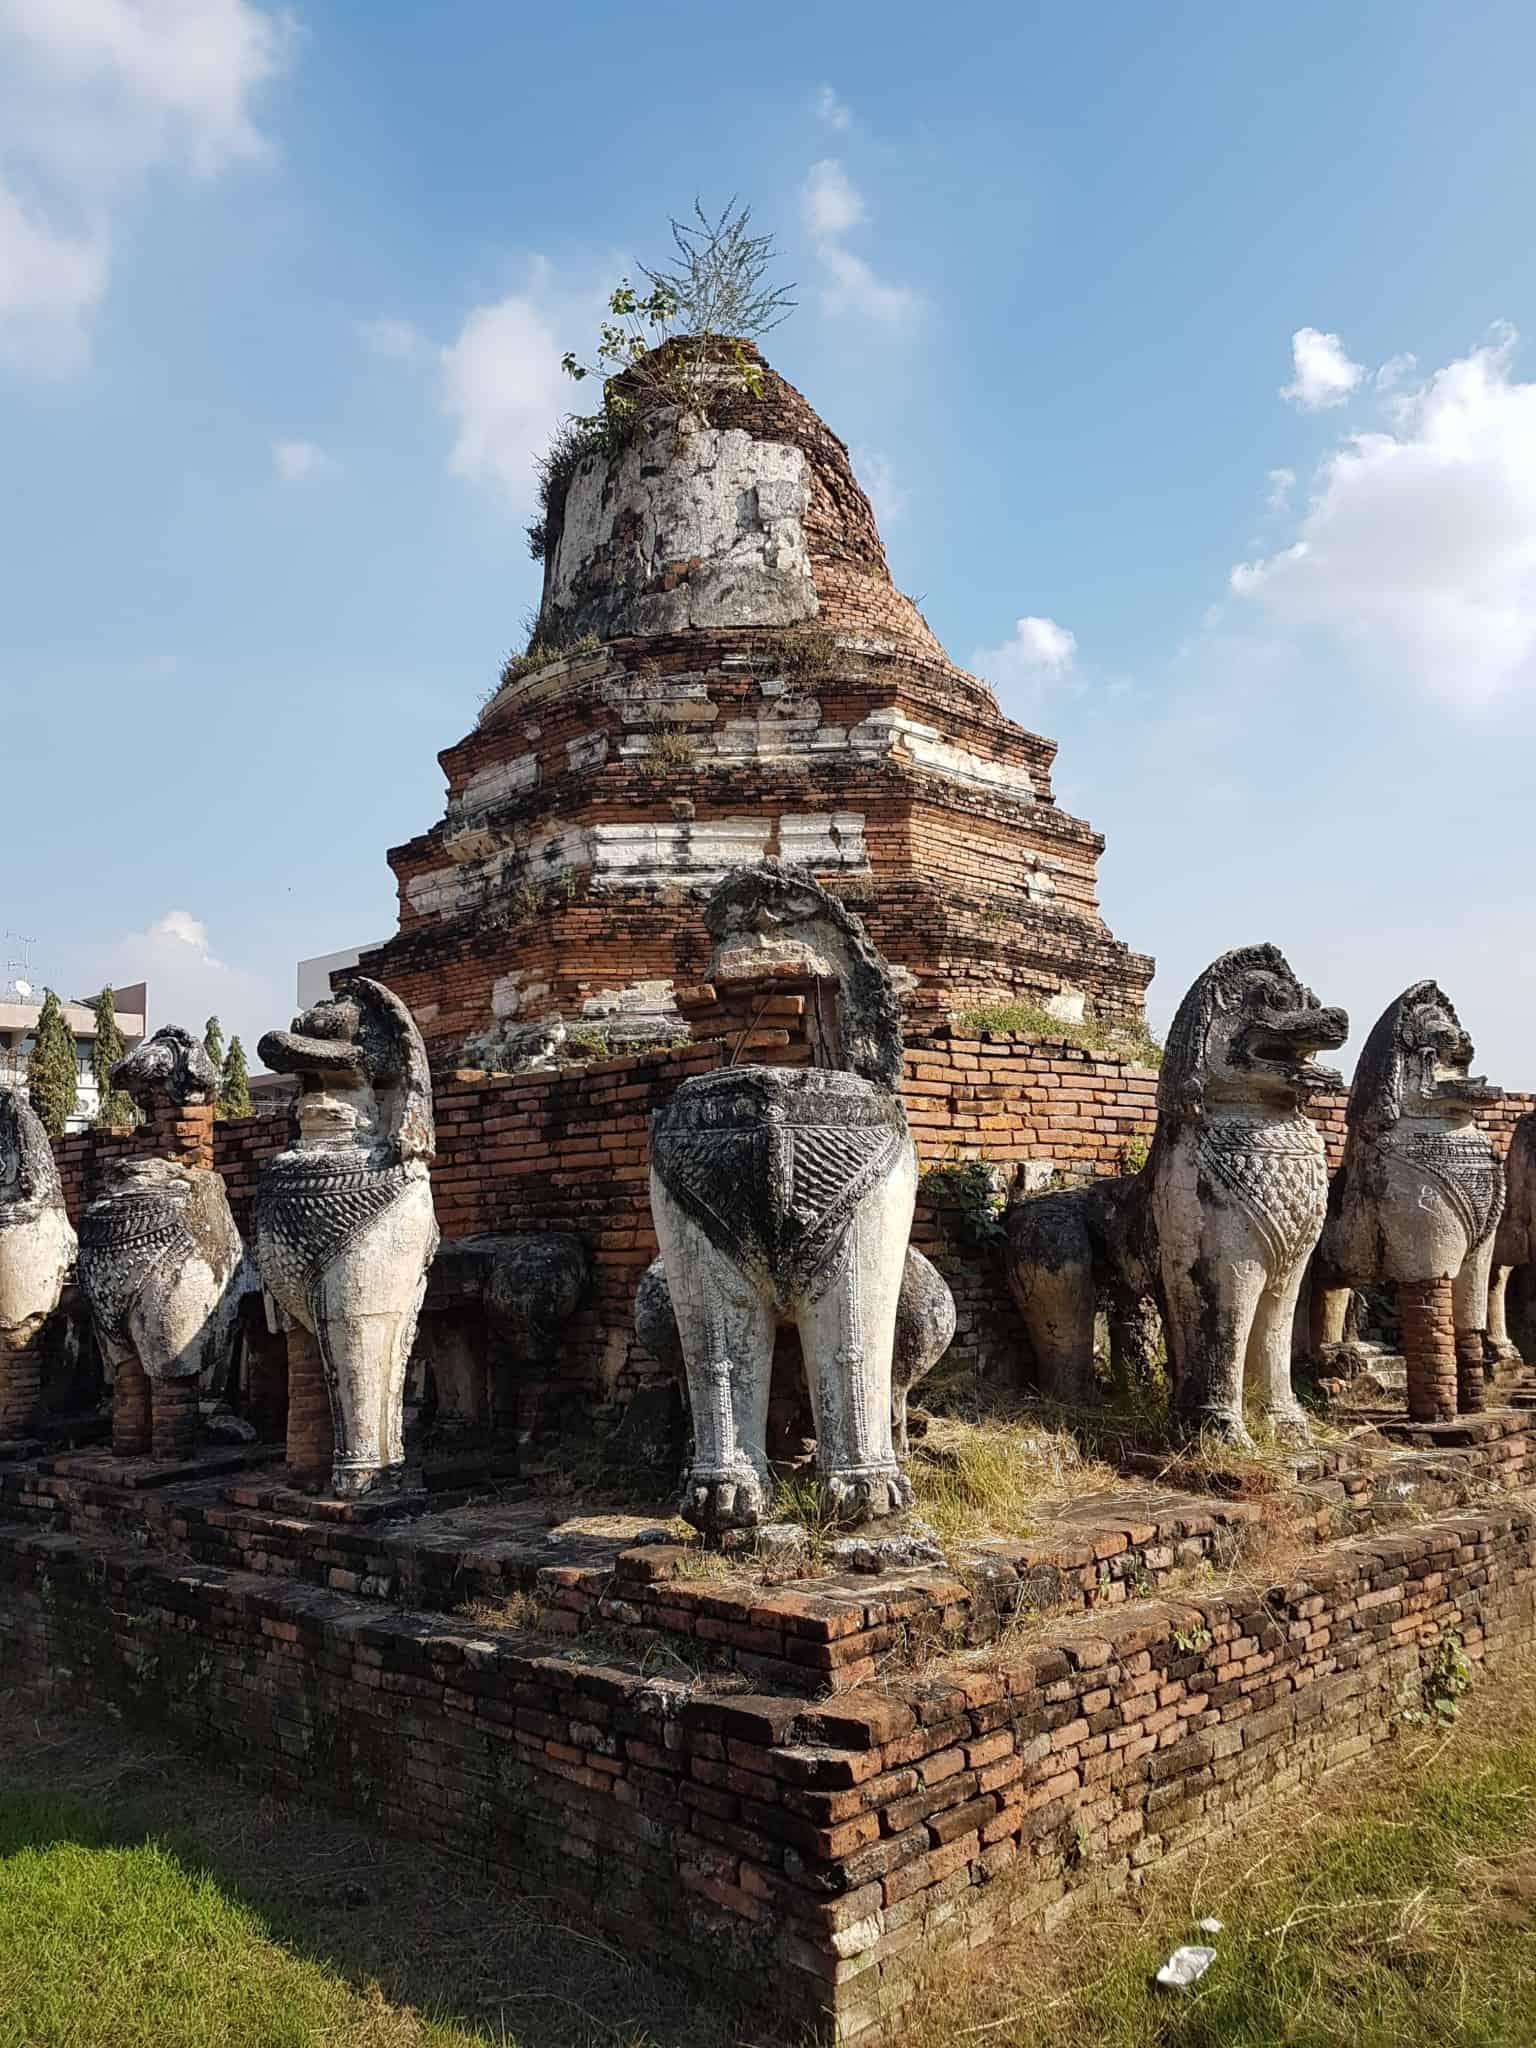 Thaïlande, visite d'Ayutthaya et de ses temples 🌞 15